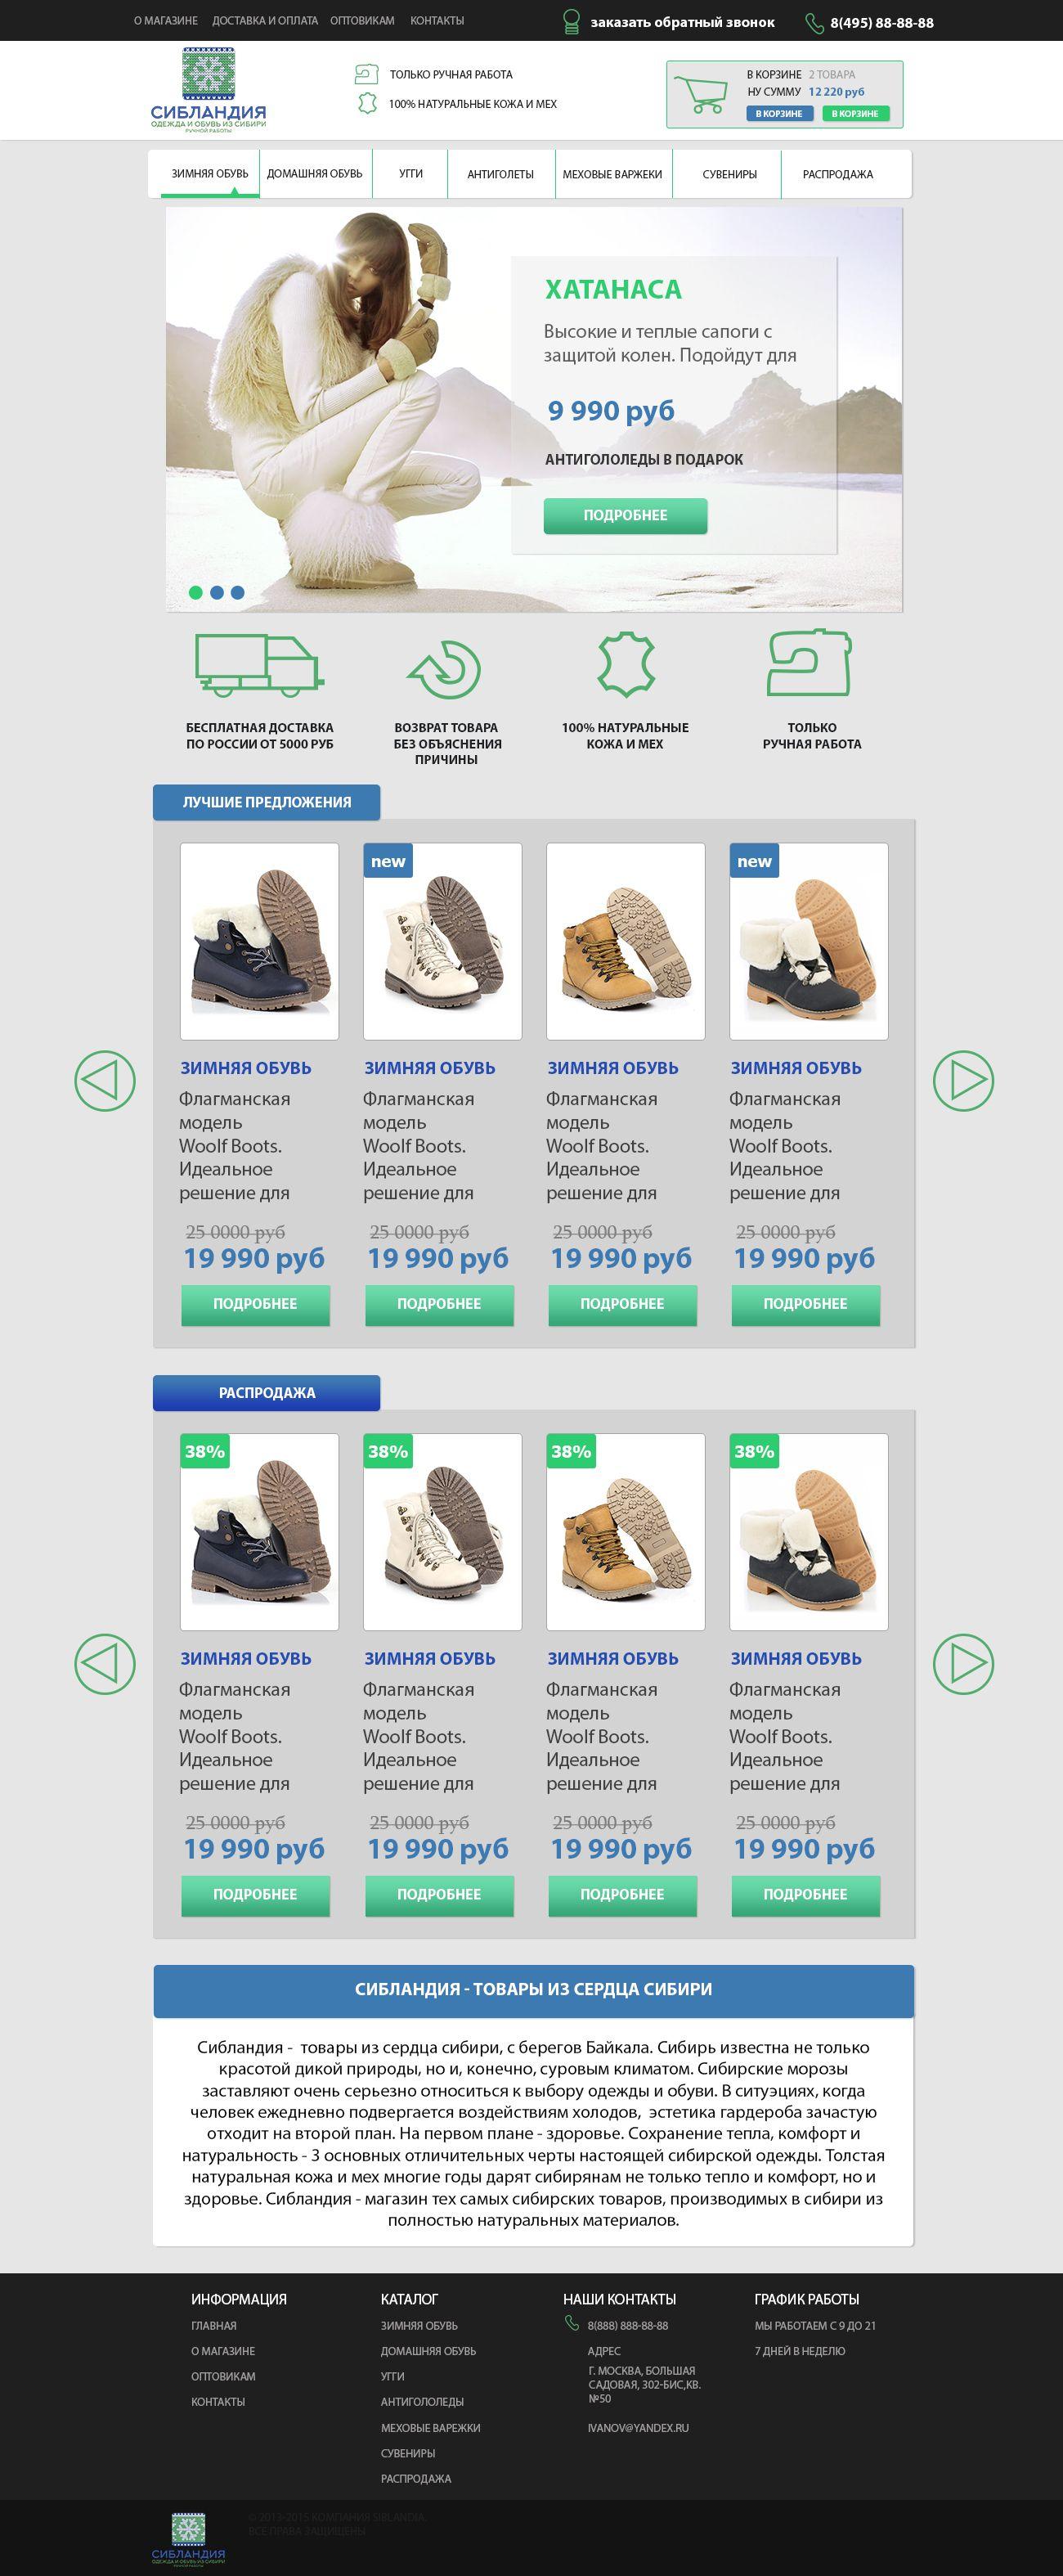 Дизайн сайта Сибландия — siblandia.ru - дизайнер Ceydji